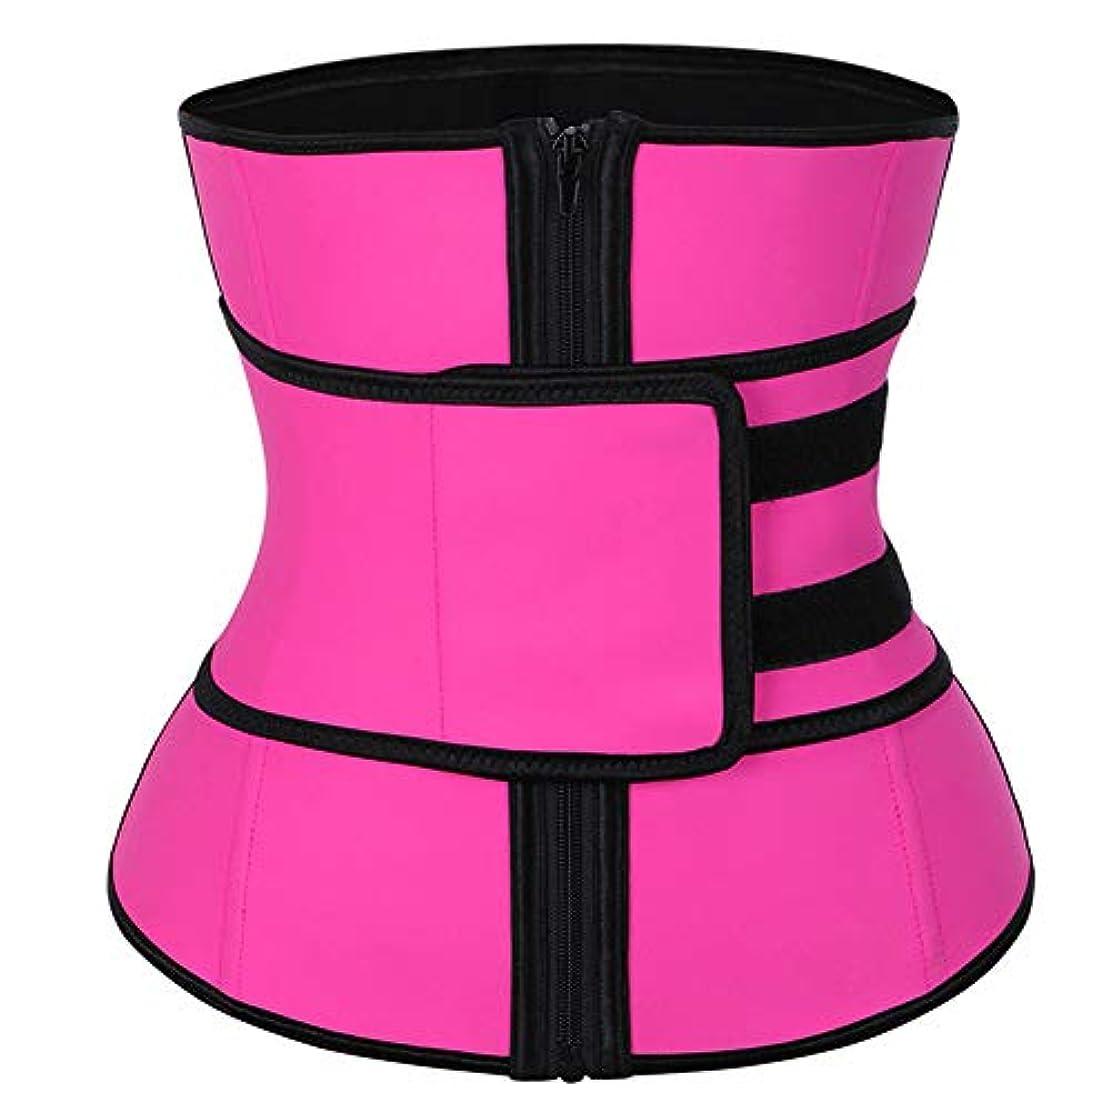 エレガントファイナンス海上女性のウエストトレーニングコルセットコルセットネオプレン付きジッパーウエストスリムベルトラテックスラテックス通気性ウエストボディシェイプ,Pink,XL